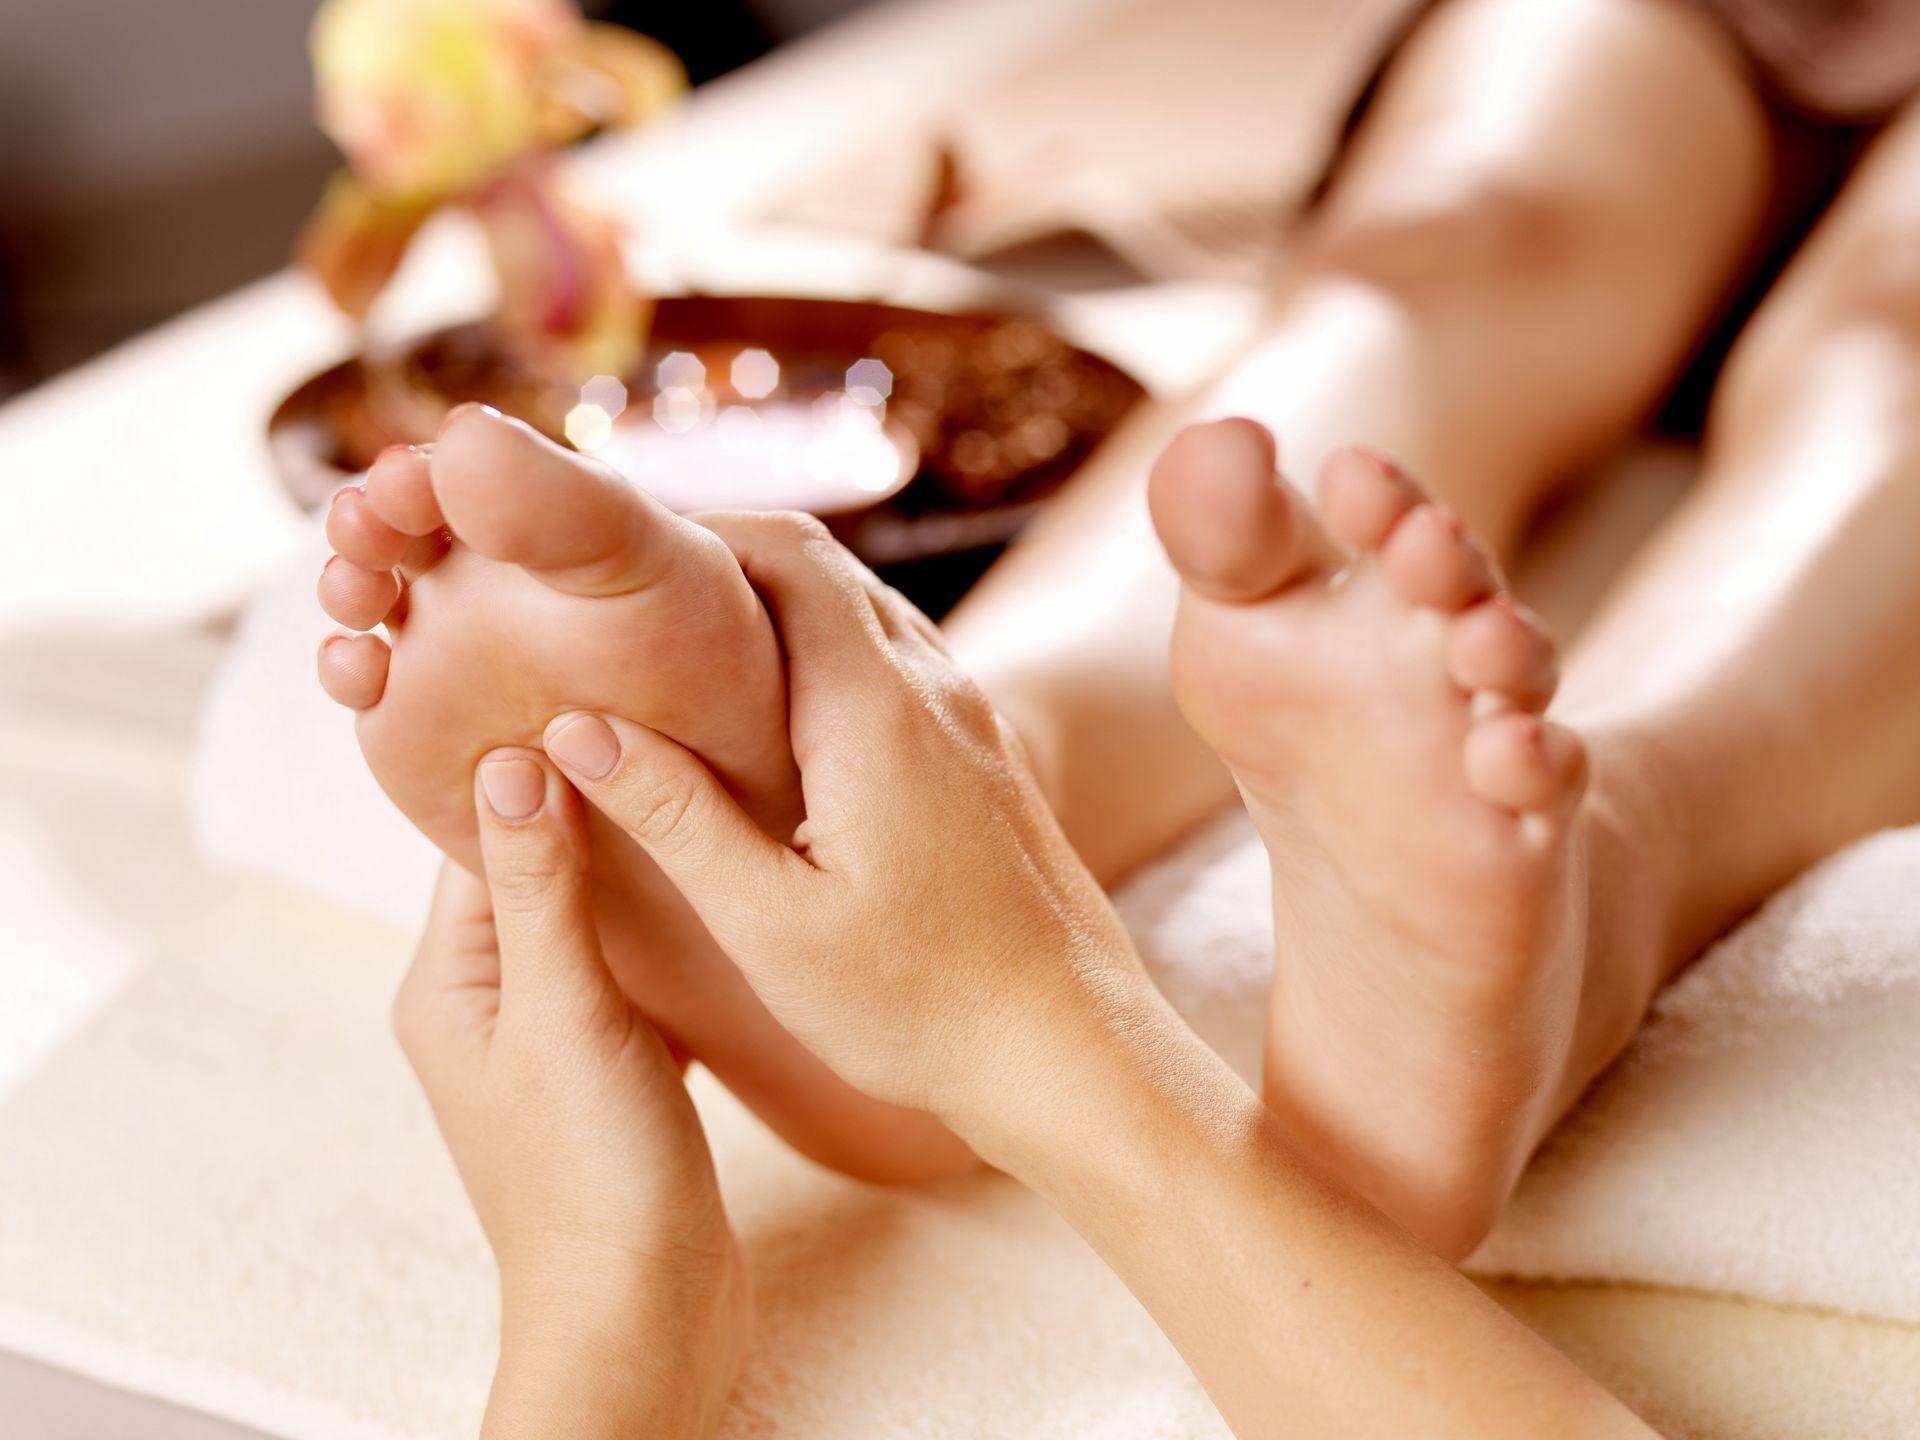 hogyan lehet enyhíteni a lábak csípőízületeinek fájdalmát)